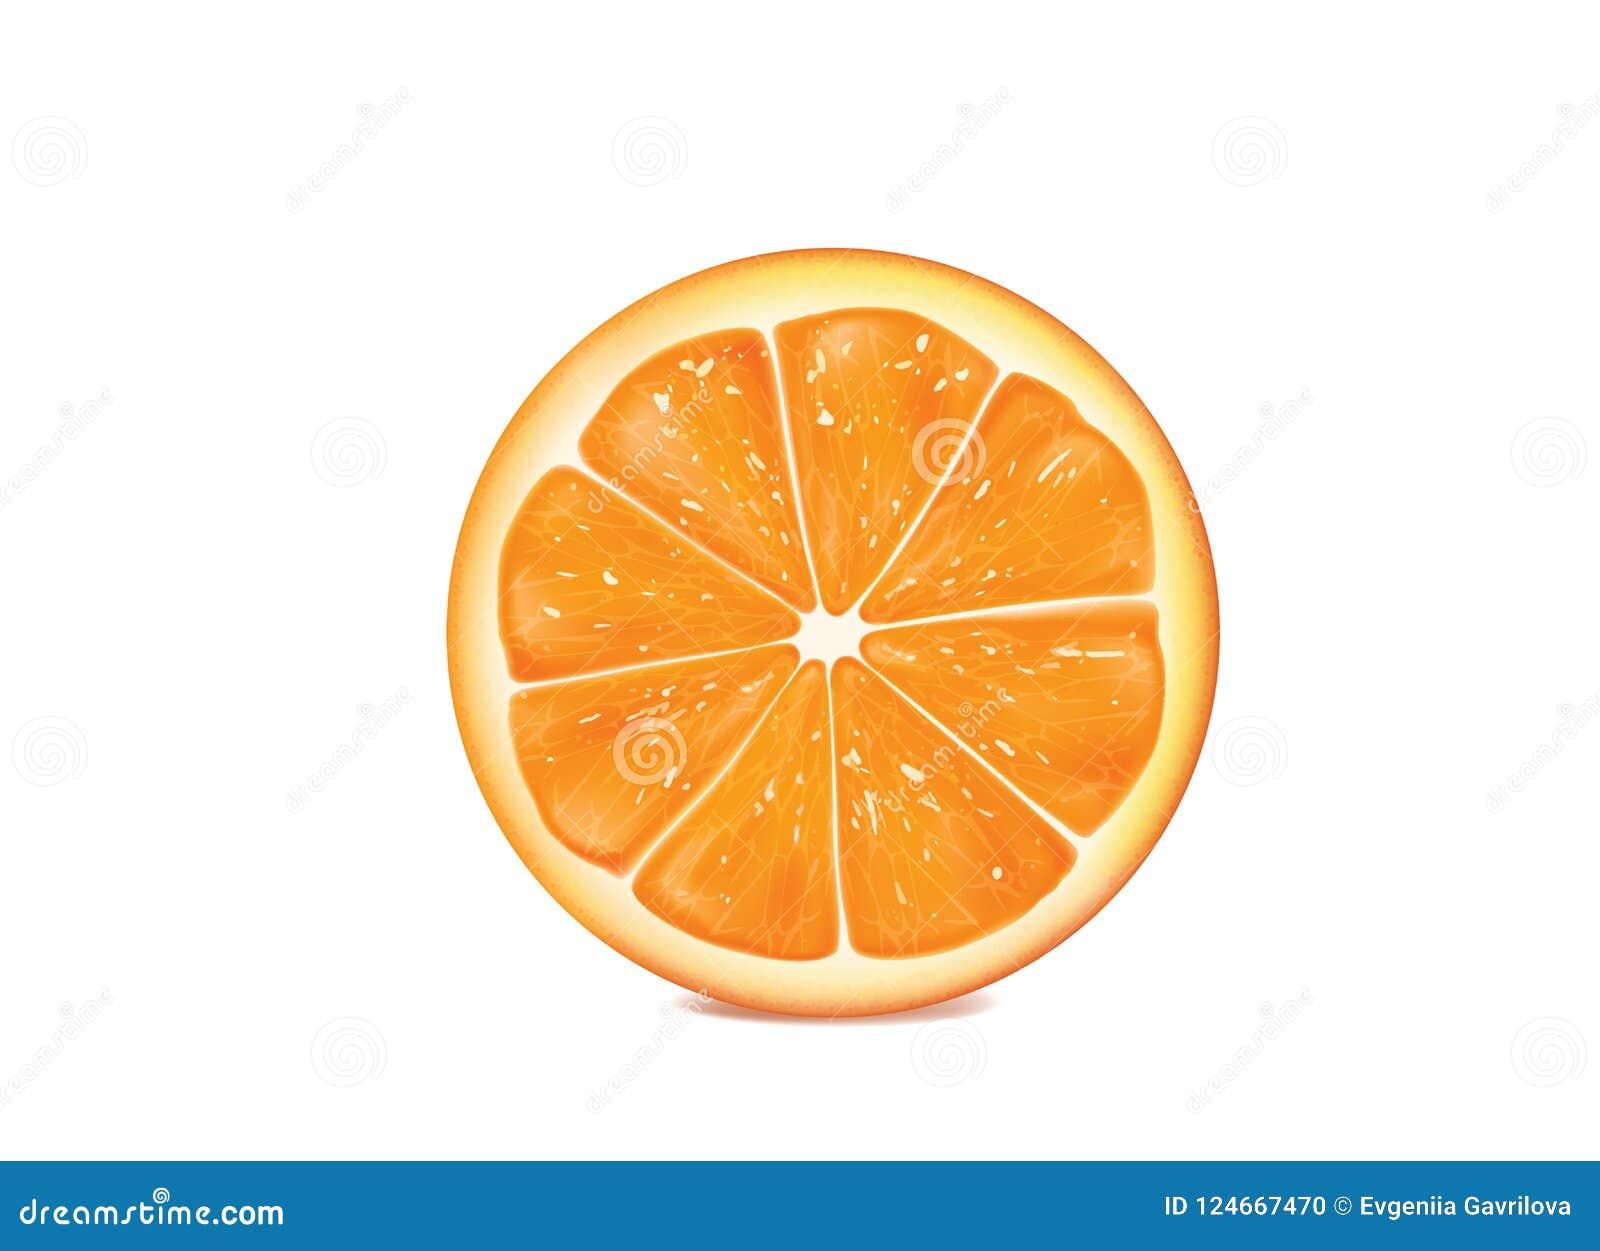 Naranja en el fondo blanco